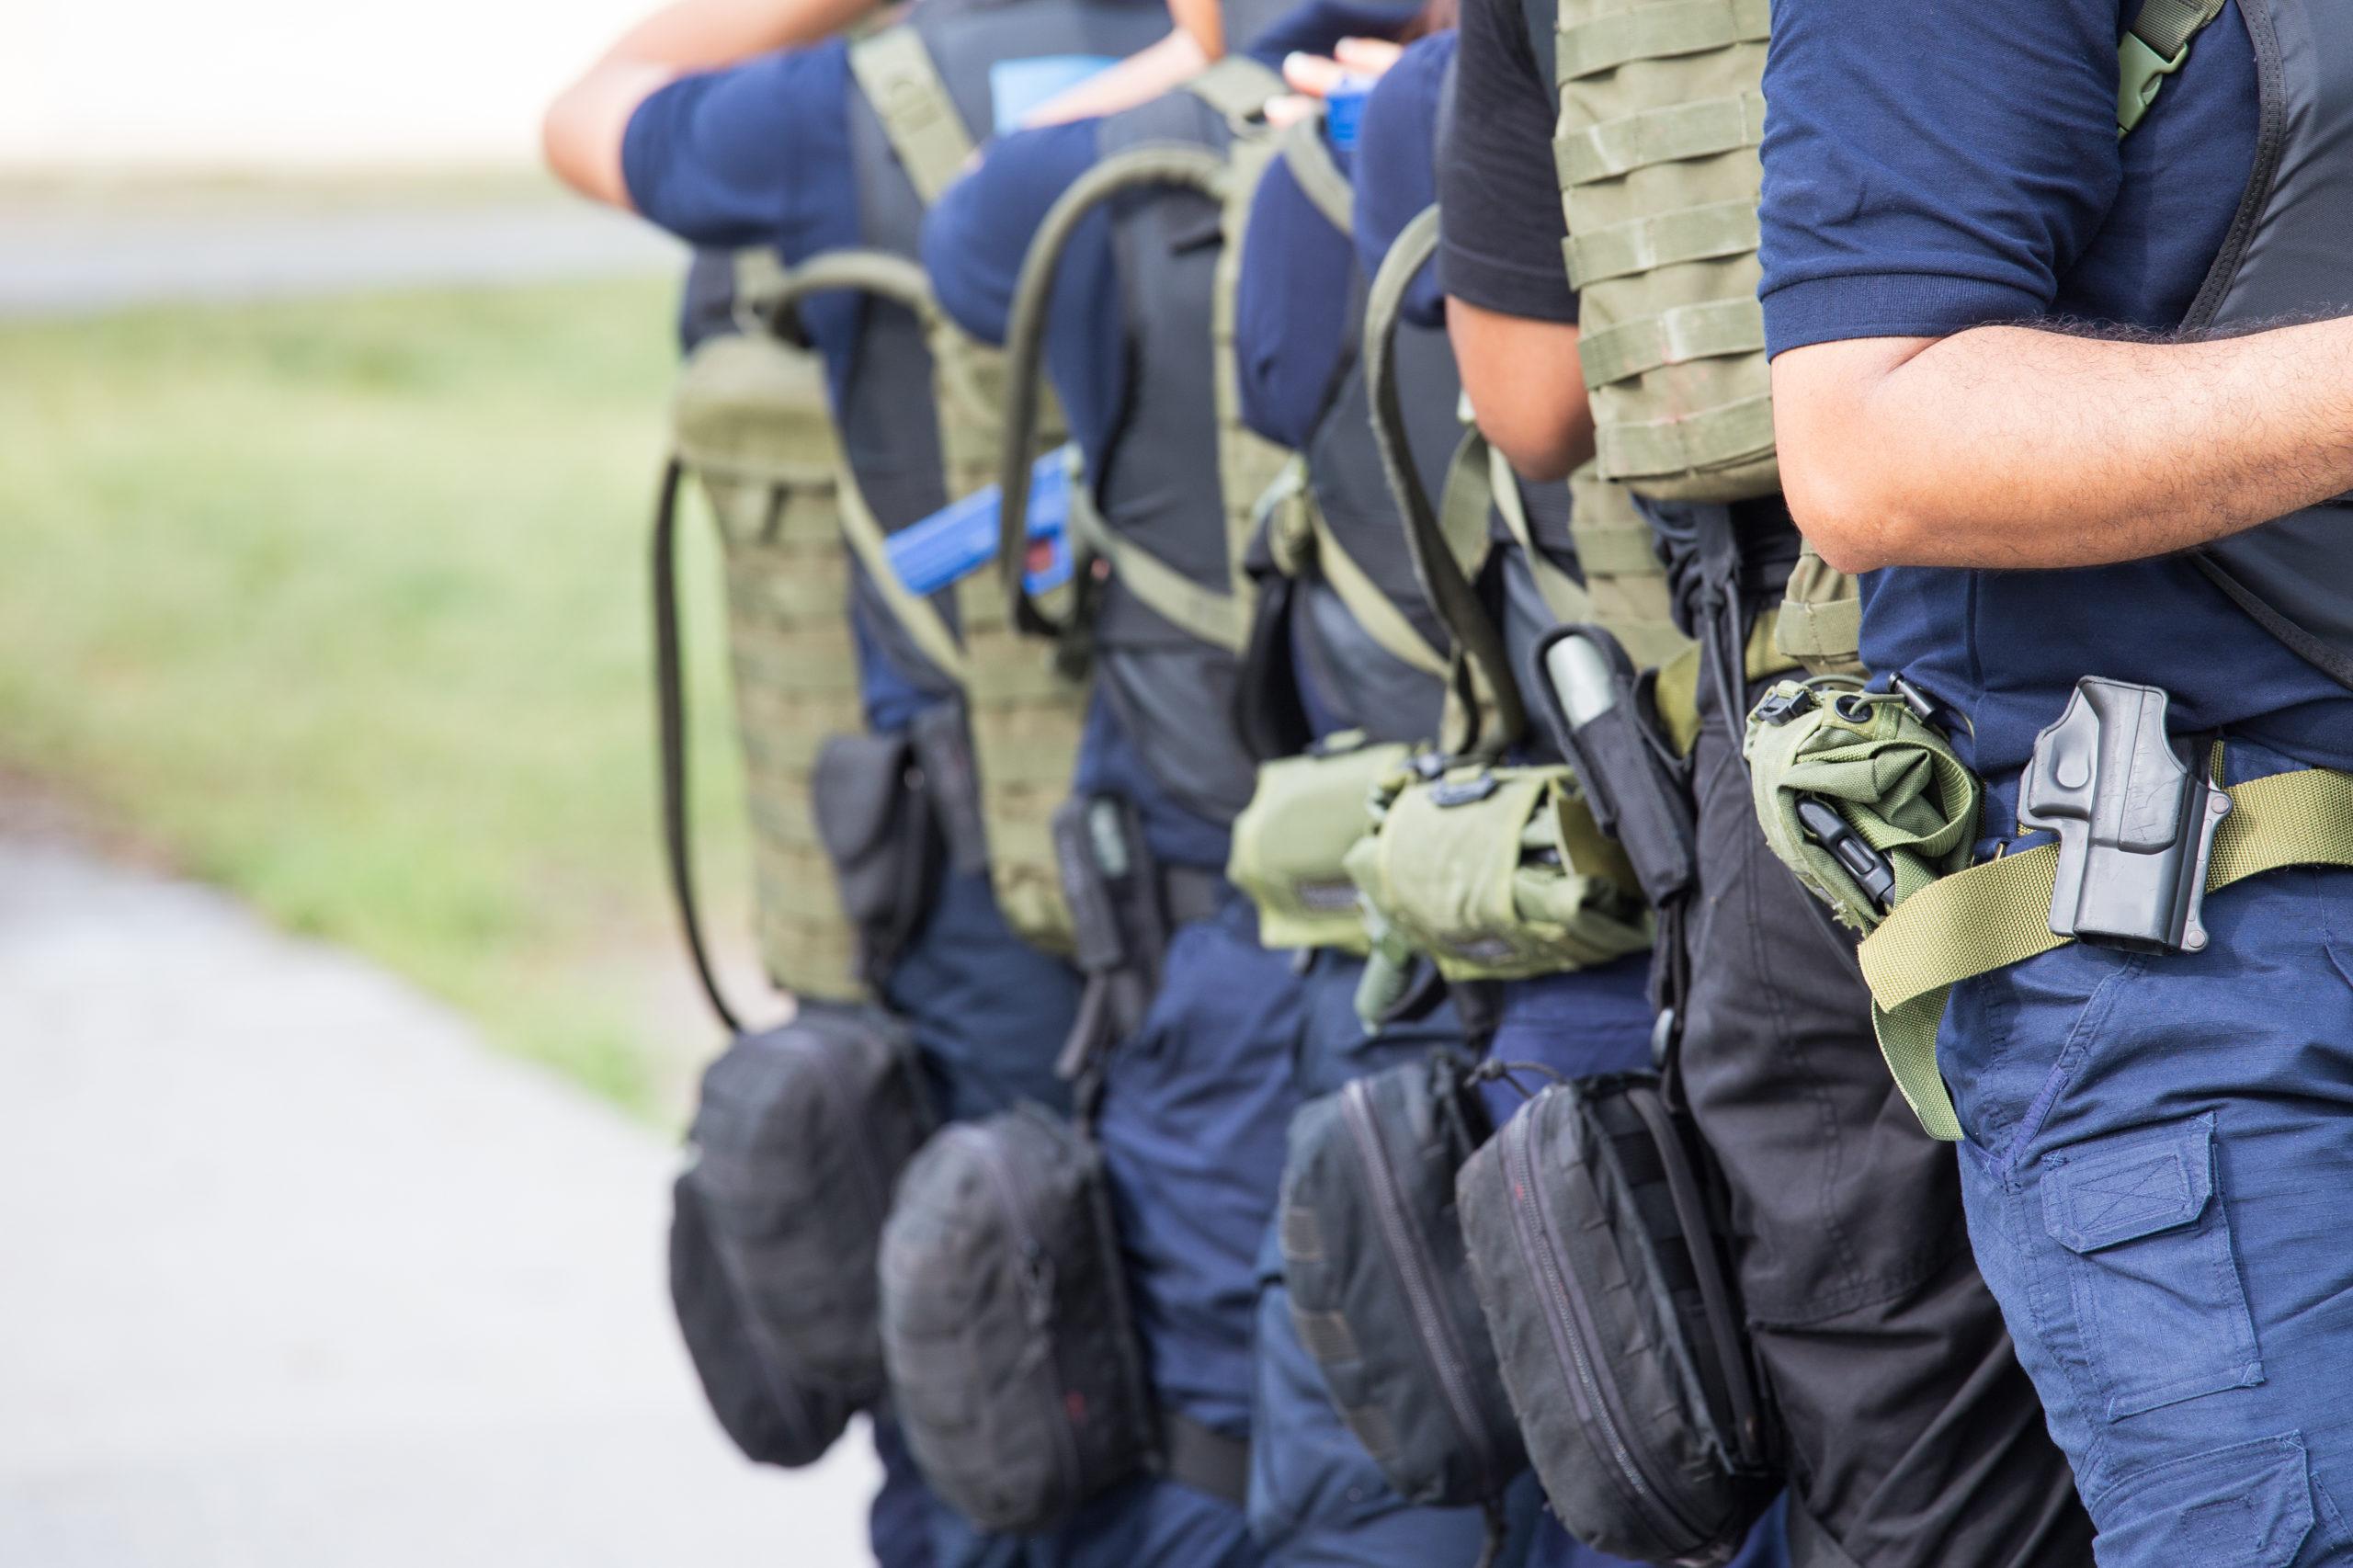 law enforcement gear